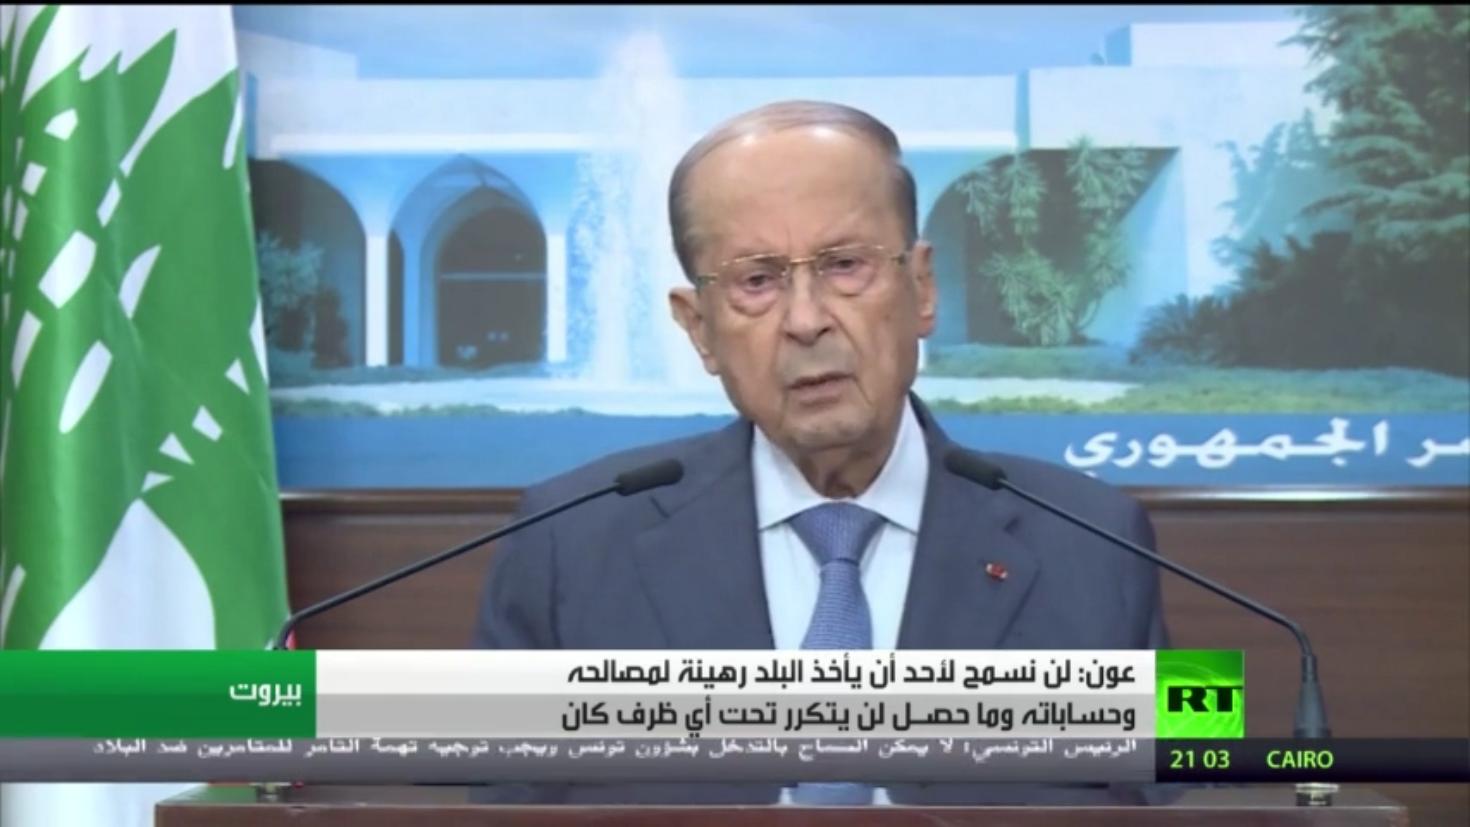 عودة الهدوء إلى بيروت بعد اشتباكات عنيفة